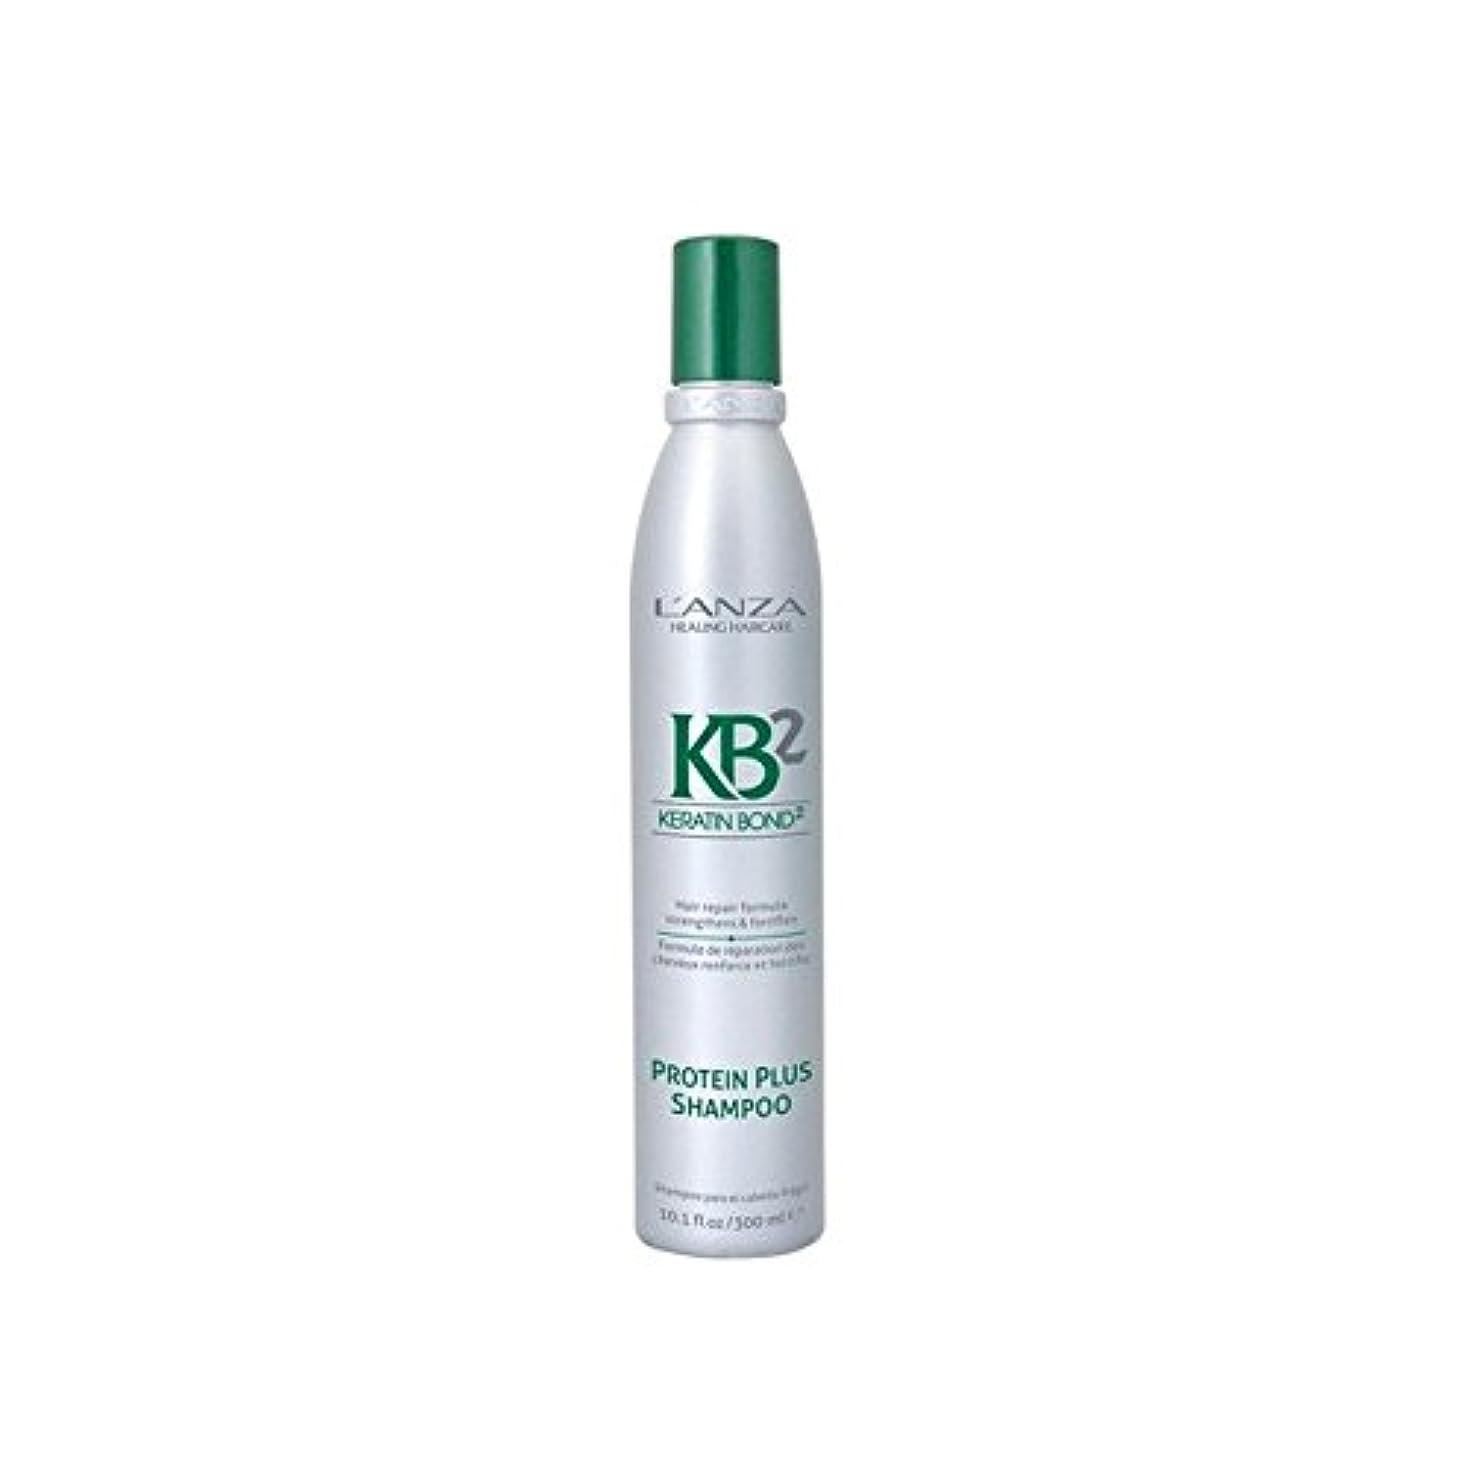 告白意識小石L'Anza Kb2 Protein Plus Shampoo (300ml) - アンザ2タンパク質プラスシャンプー(300ミリリットル) [並行輸入品]